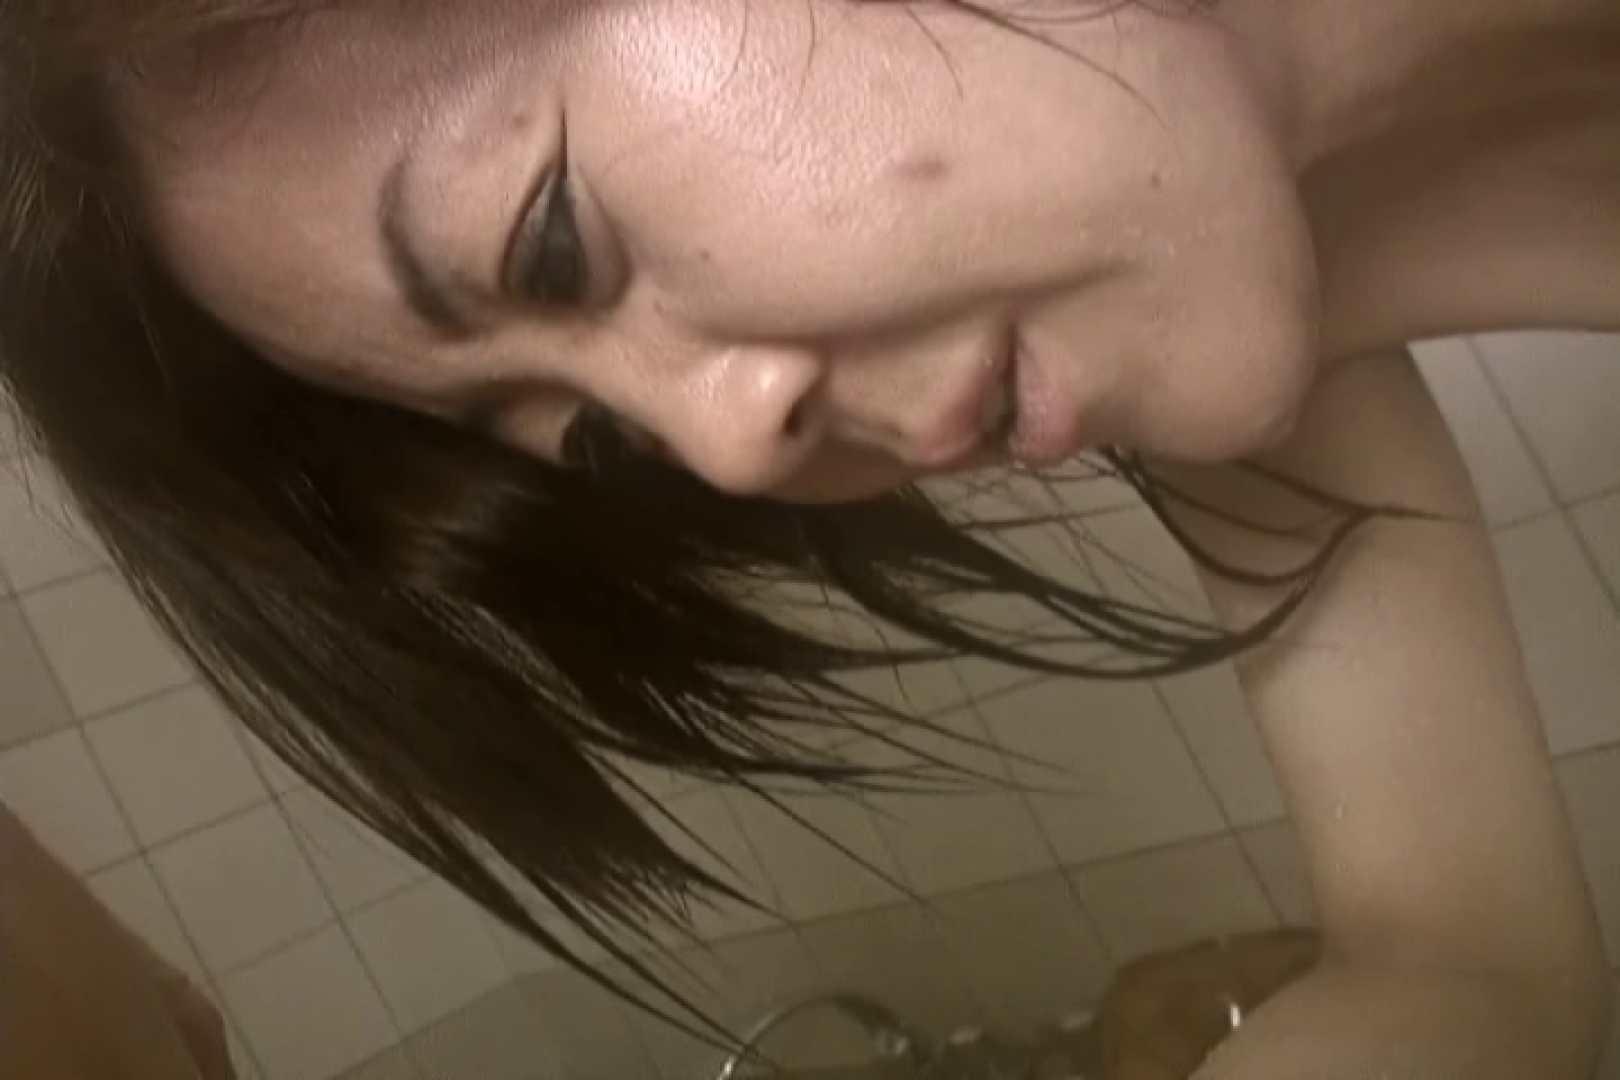 素人ナンパ本番撮り!出会い系でGET!Vol.14 本番映像 オメコ無修正動画無料 103pic 79